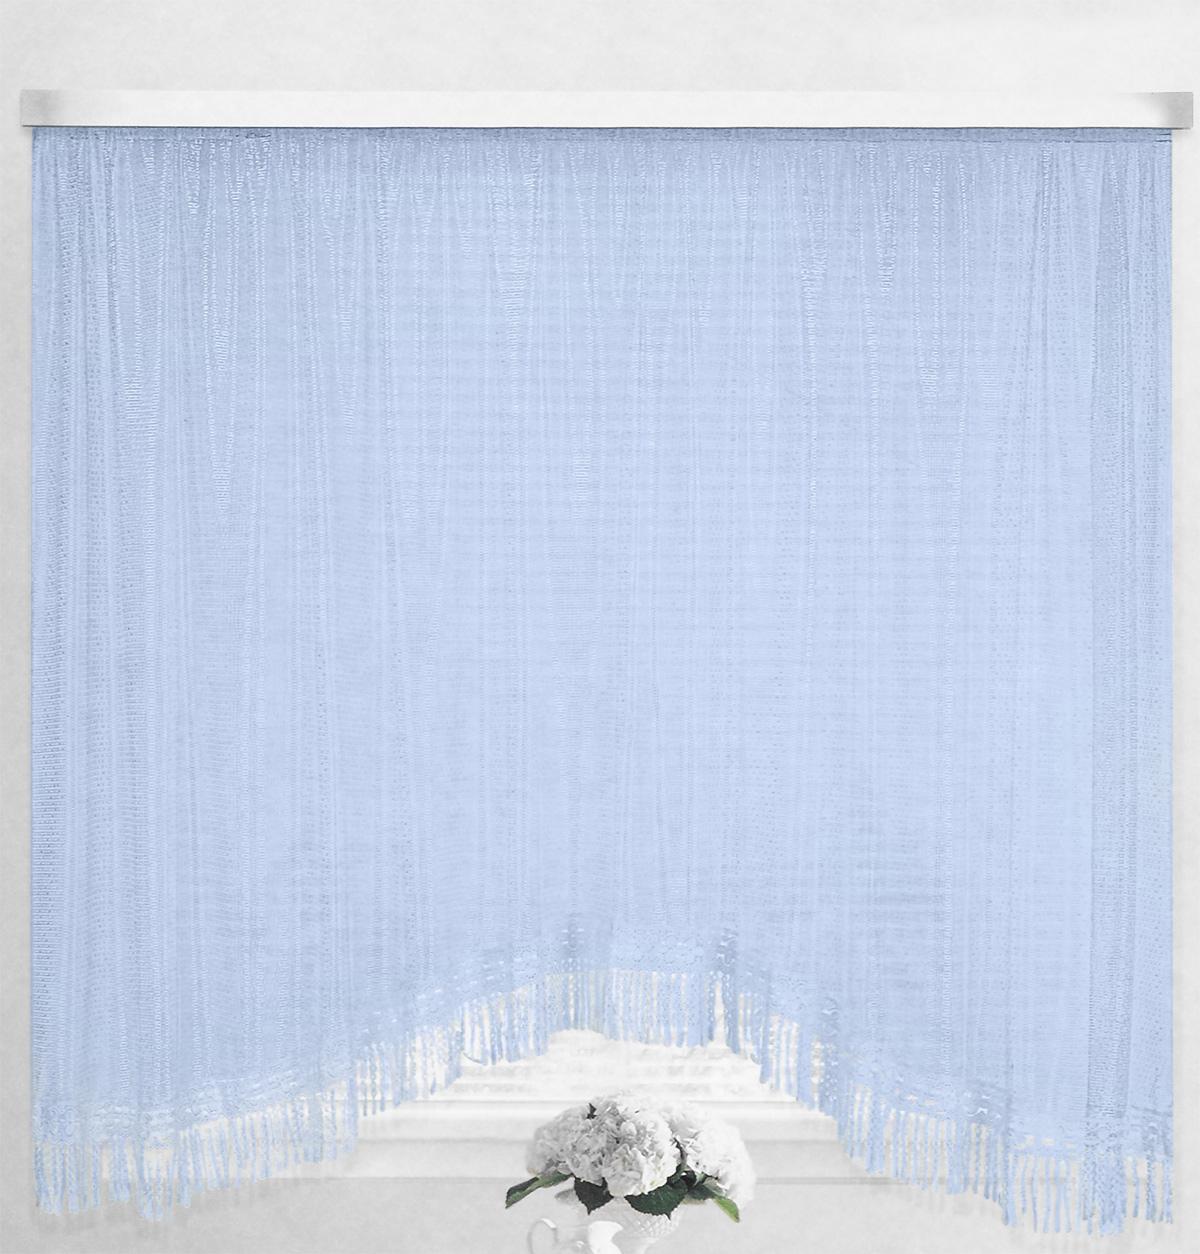 Штора-арка ТД Текстиль Капли росы, на ленте, цвет: голубой, высота 165 см82650_голубойШтора-арка ТД Текстиль Капли росы великолепно украсит любое окно. Штора выполнена из качественного сетчатого полиэстера и декорирована бахромой. Полупрозрачная ткань, оригинальный дизайн и приятная цветовая гамма привлекут к себе внимание и позволят шторе органично вписаться в интерьер помещения. Штора крепится на карниз при помощи шторной ленты, которая поможет красиво и равномерно задрапировать верх. Изделие отлично подходит для кухни, столовой, спальни.